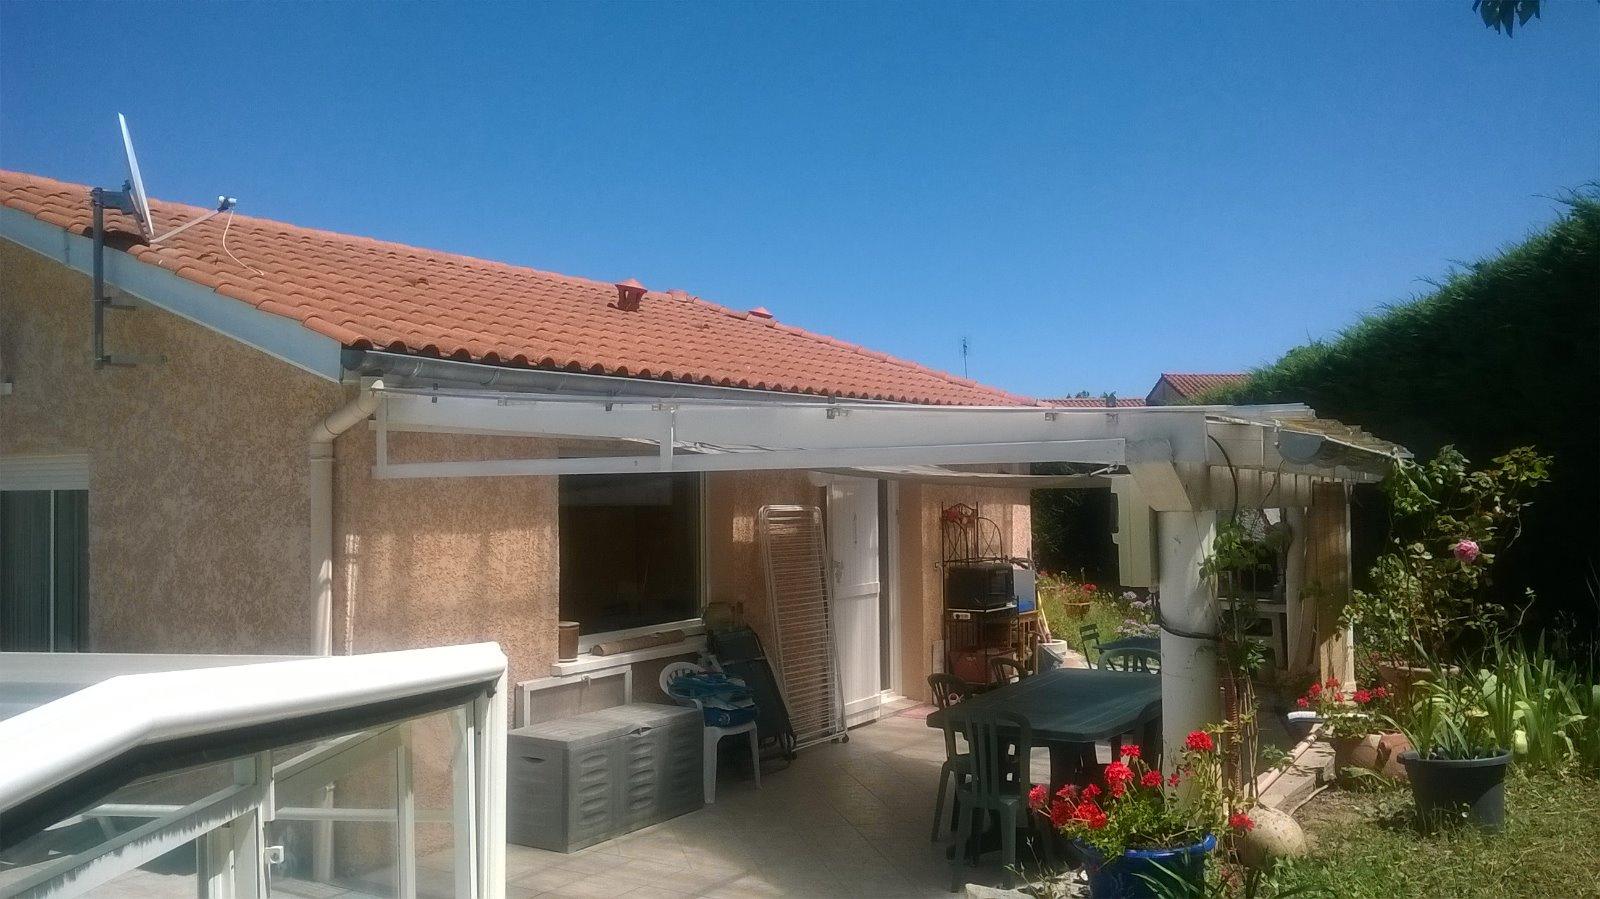 Annonce vente maison montbrison 42600 125 m 259 000 - Piscine aqualude montbrison ...